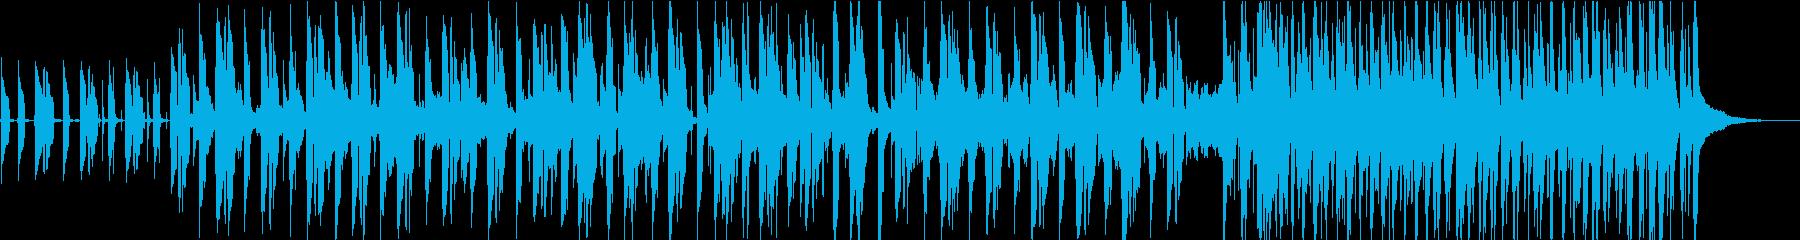 怪しい雰囲気のブルースの再生済みの波形